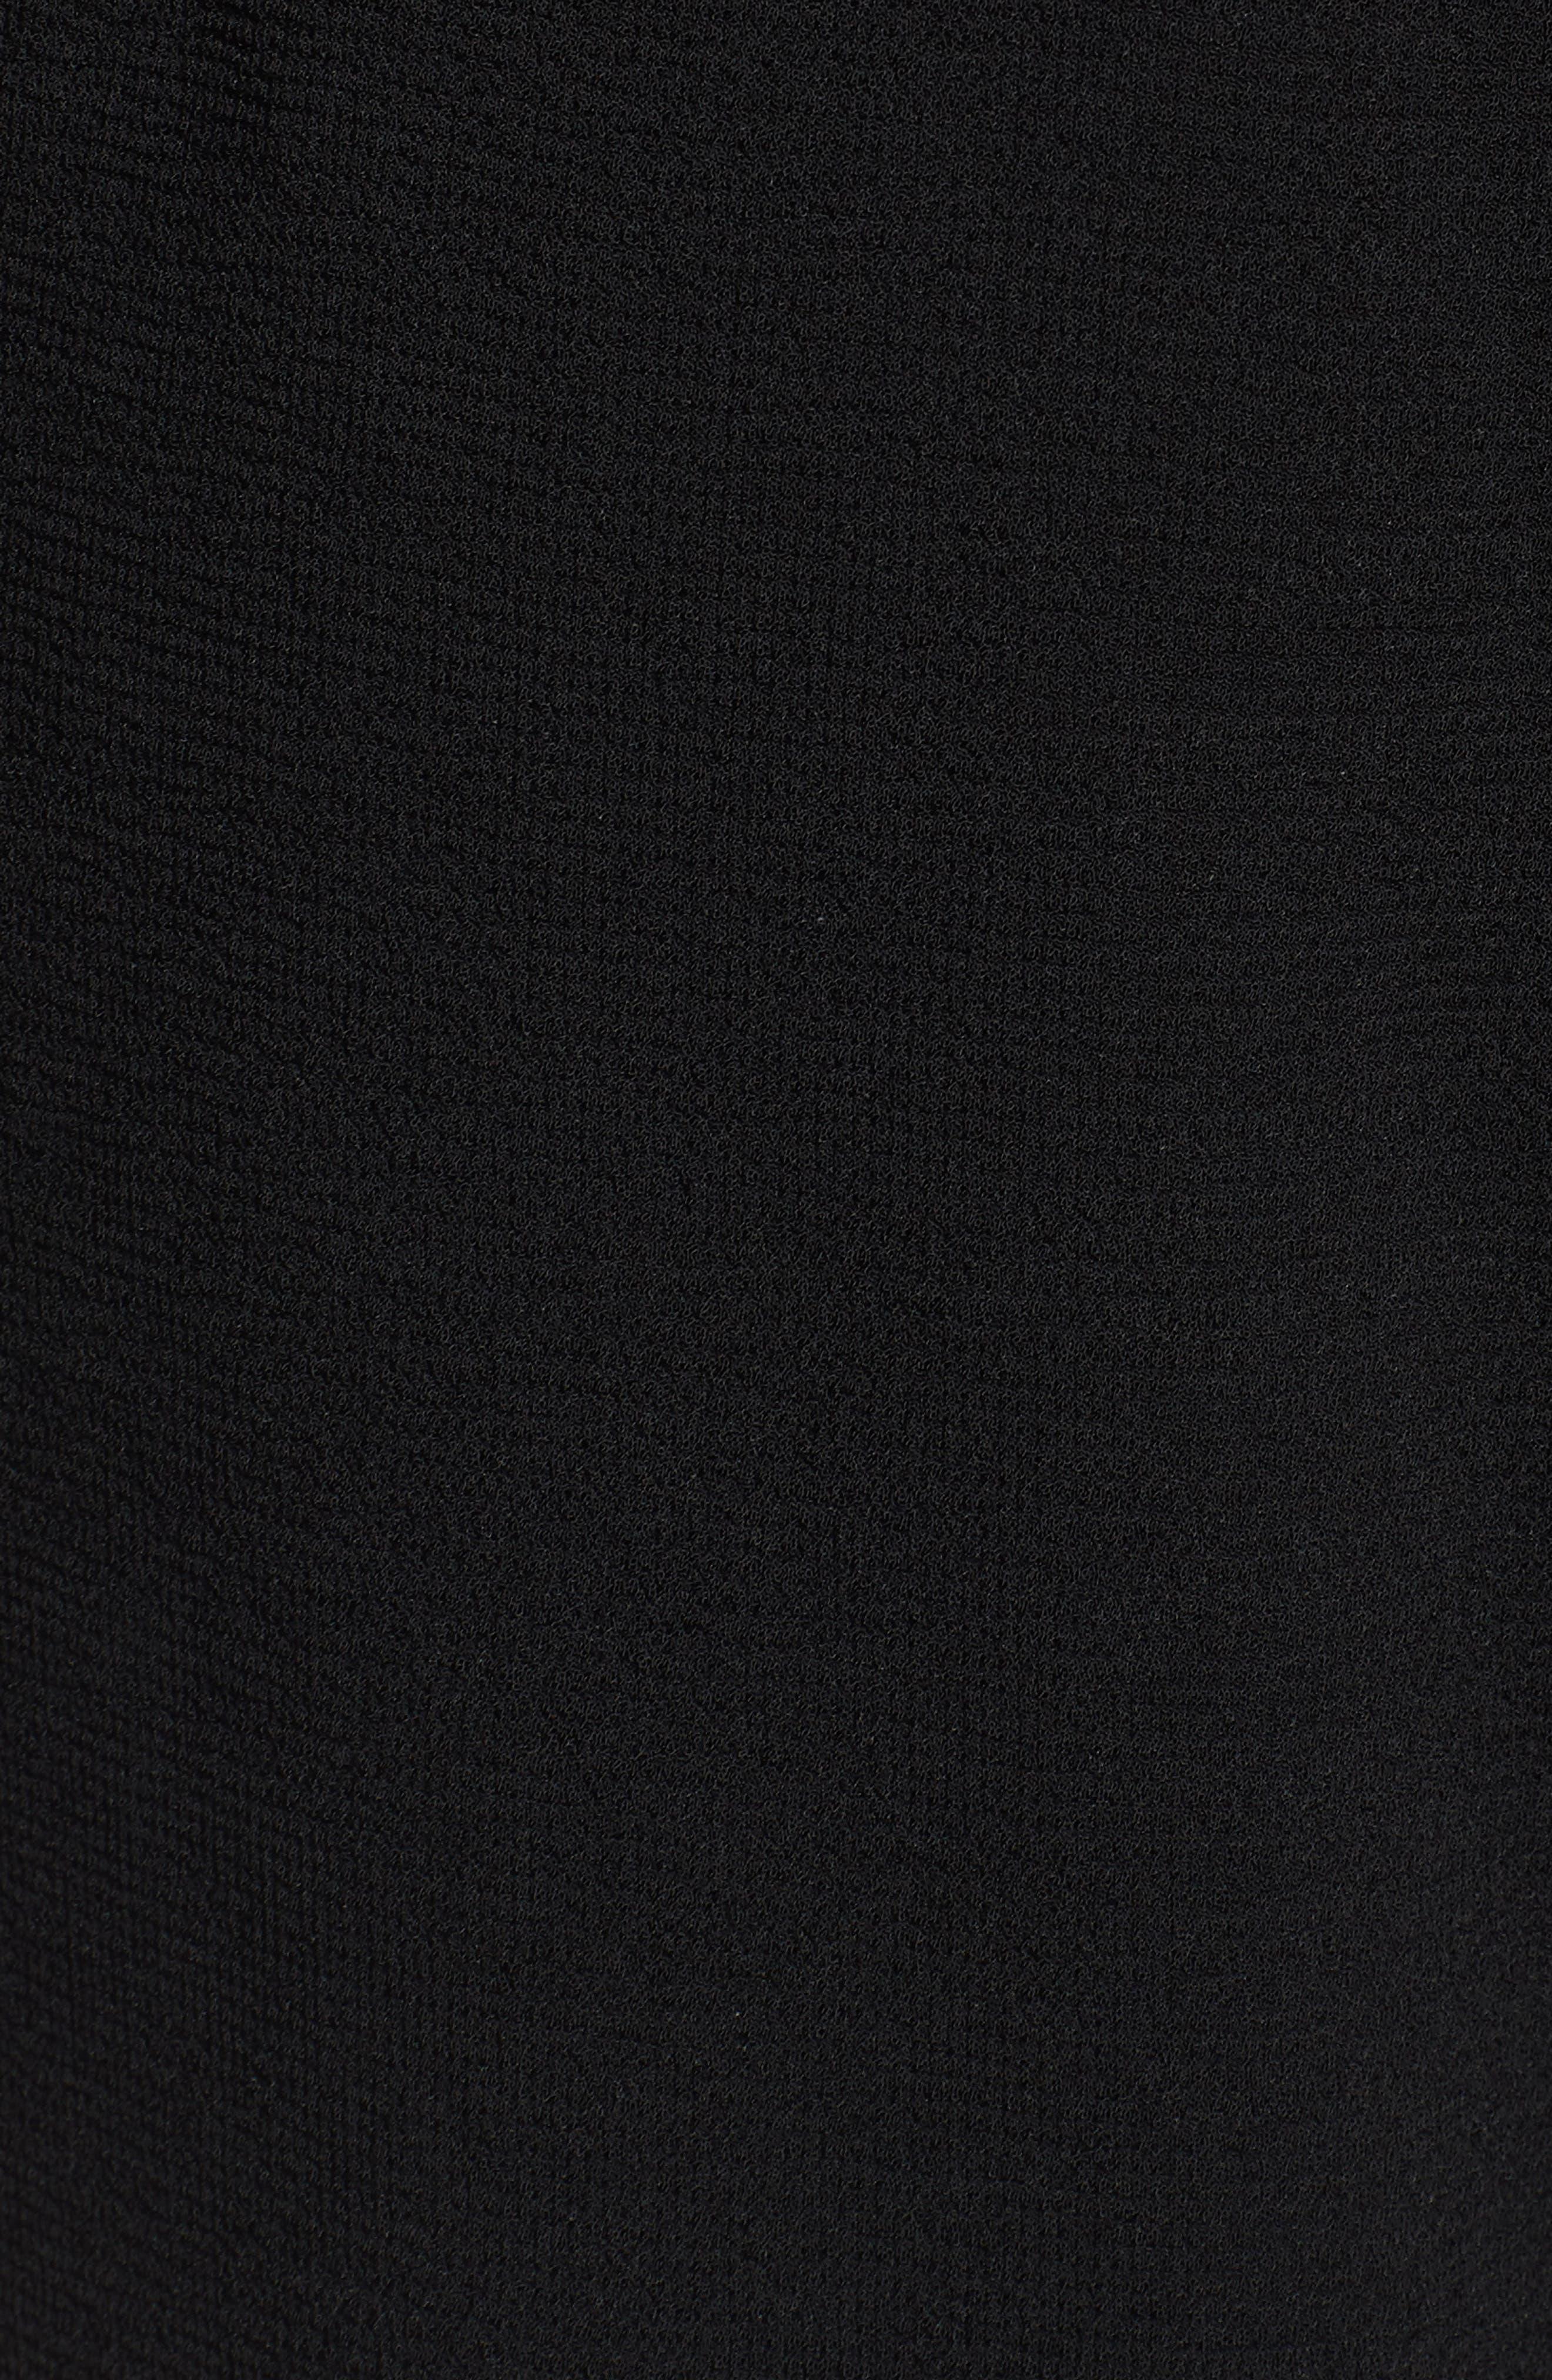 Trouvé Tie Front Wide Leg Pants,                             Alternate thumbnail 6, color,                             001